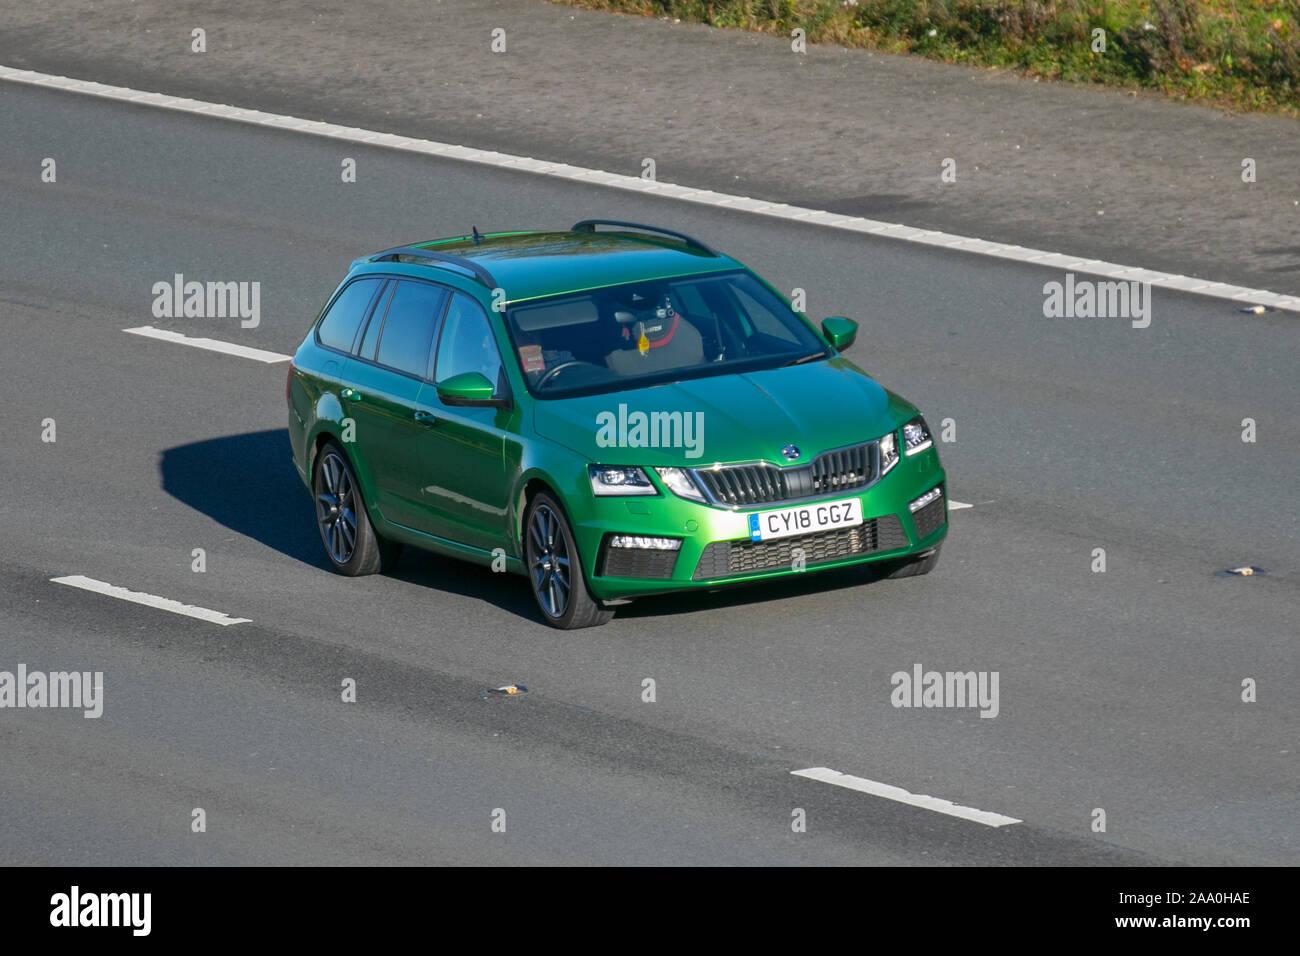 2018 grüne Škoda Octavia VRS TDI; Großbritannien Verkehr, Transport, moderne Fahrzeuge, Limousinen, South-bound Autofahren auf die 3 spurige Autobahn M6 Autobahn. Stockfoto